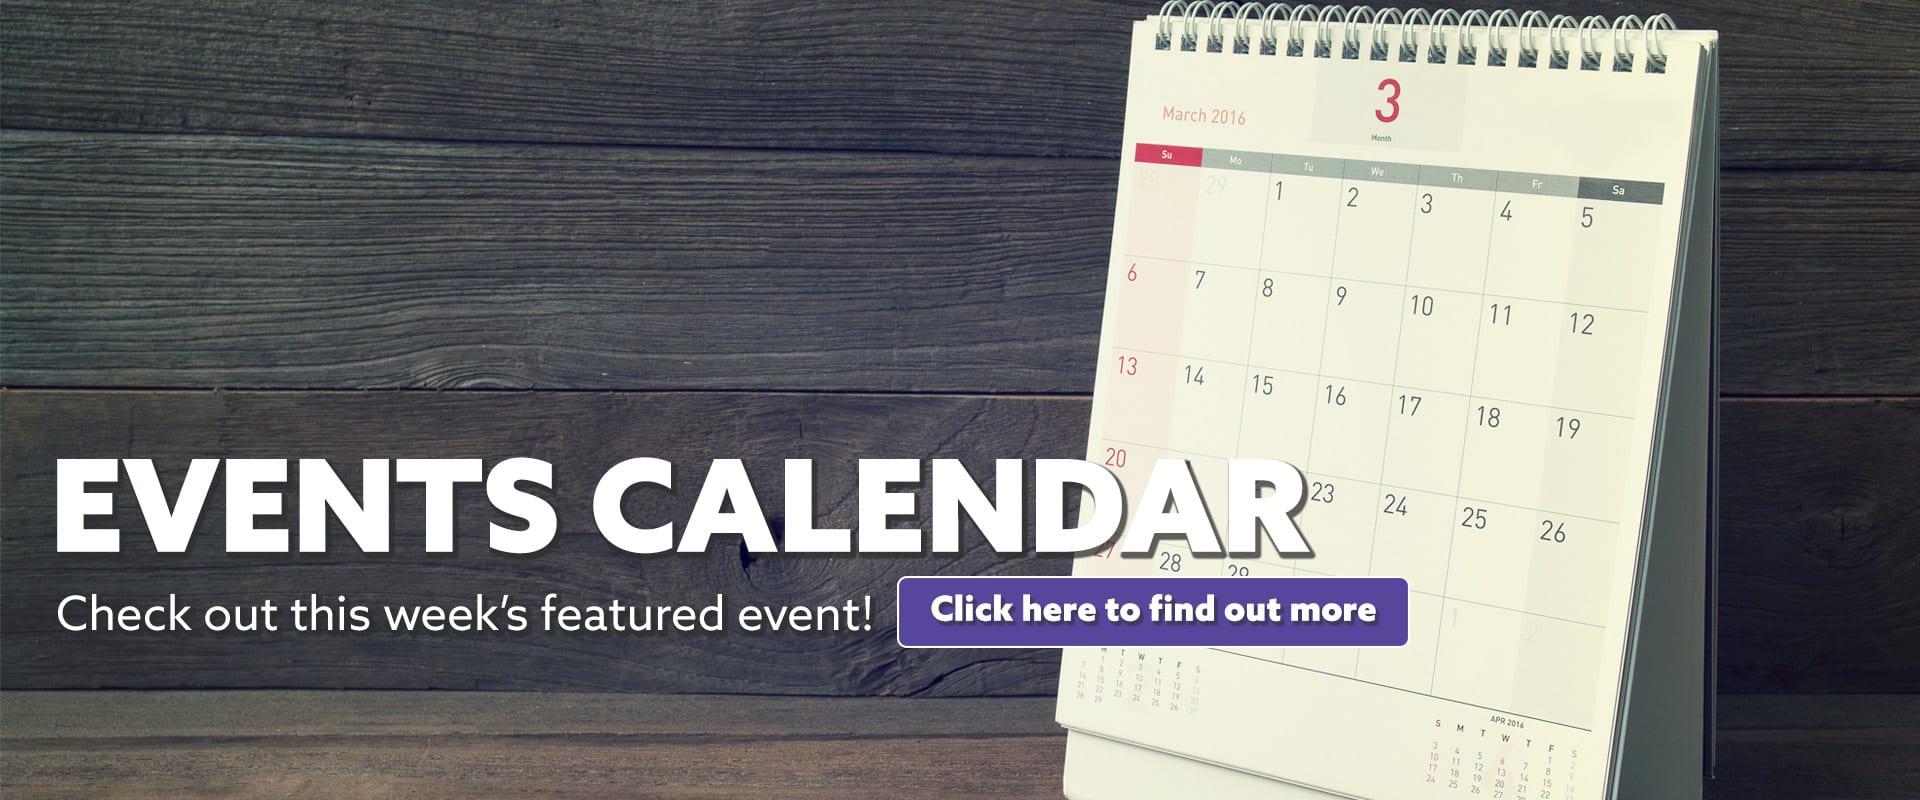 Events Calendar Featured Event Lift